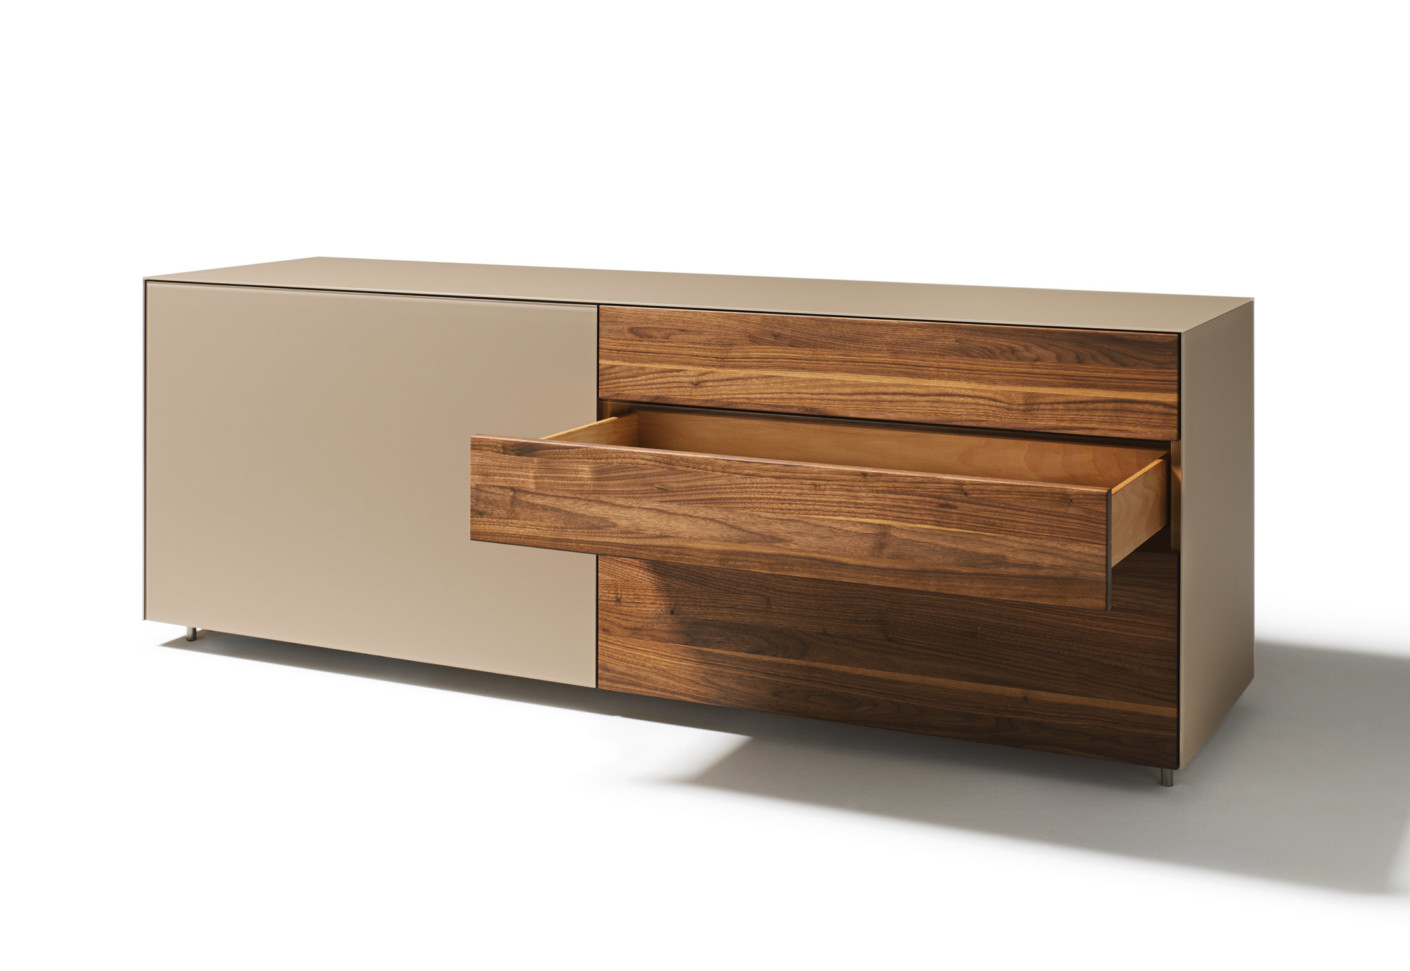 cubus pure anrichte 2 elemente von team 7 stylepark. Black Bedroom Furniture Sets. Home Design Ideas